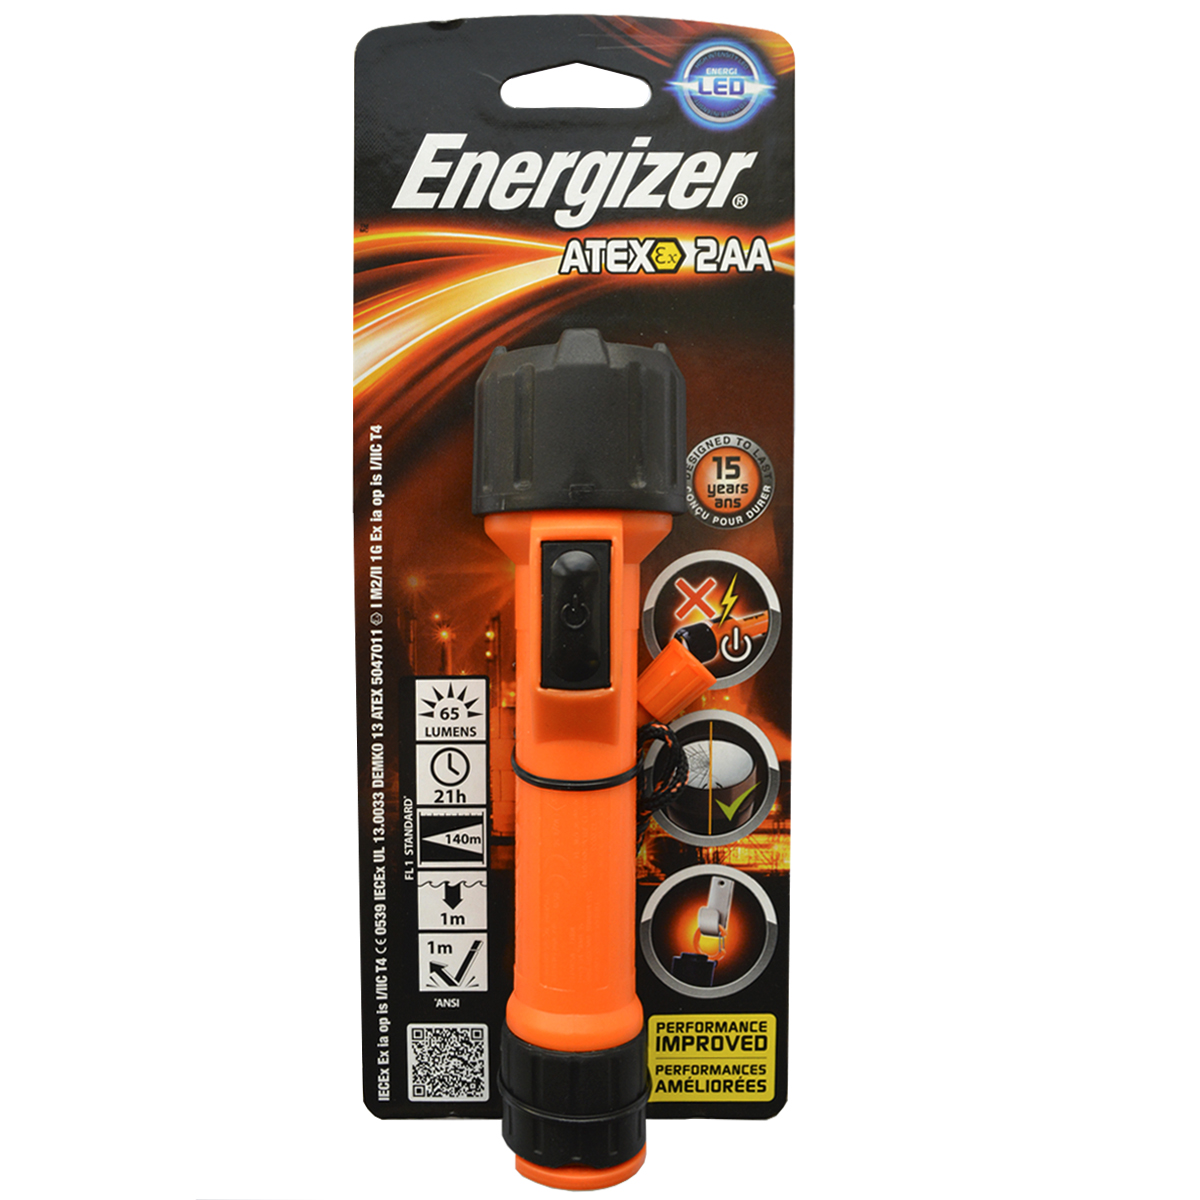 Фонарь ручной Energizer ATEX. 638574 - Фонари и лампы